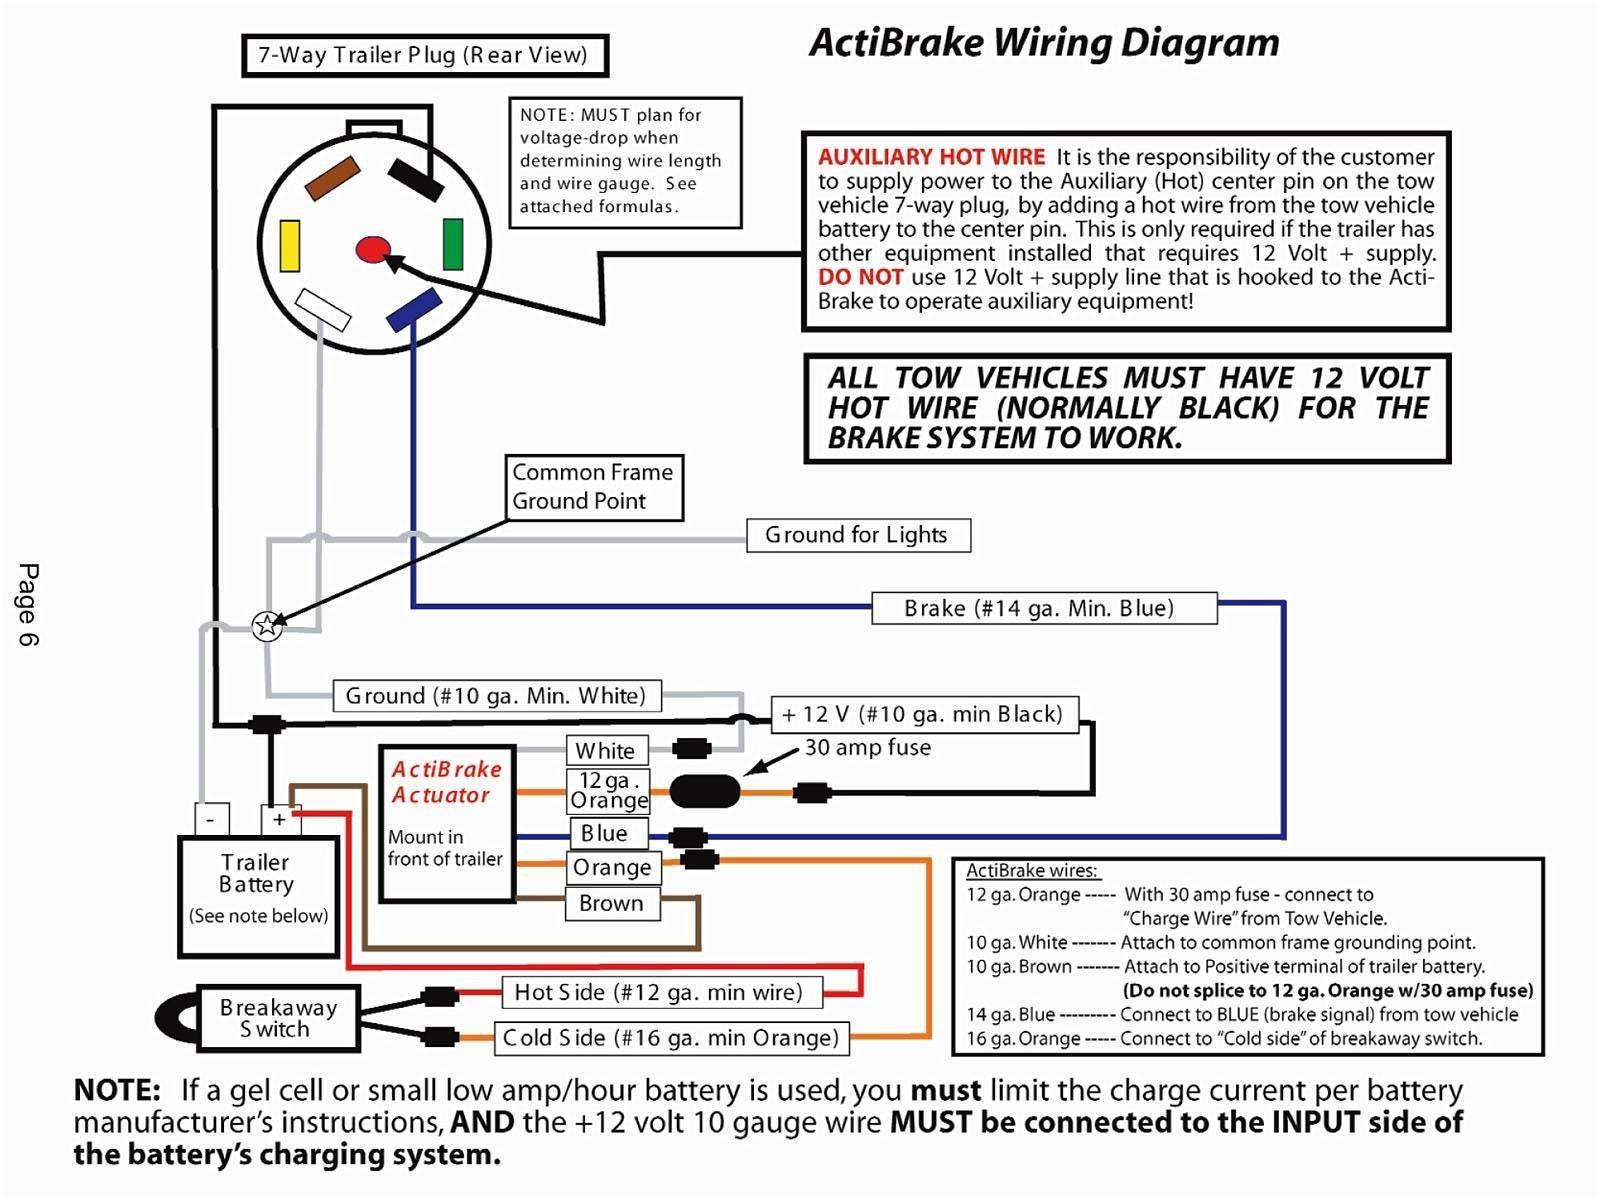 Draw Tite Brake Controller Wiring Diagram Hayman Reese Trailer Brake Controller Wiring Diagram solidfonts Of Draw Tite Brake Controller Wiring Diagram